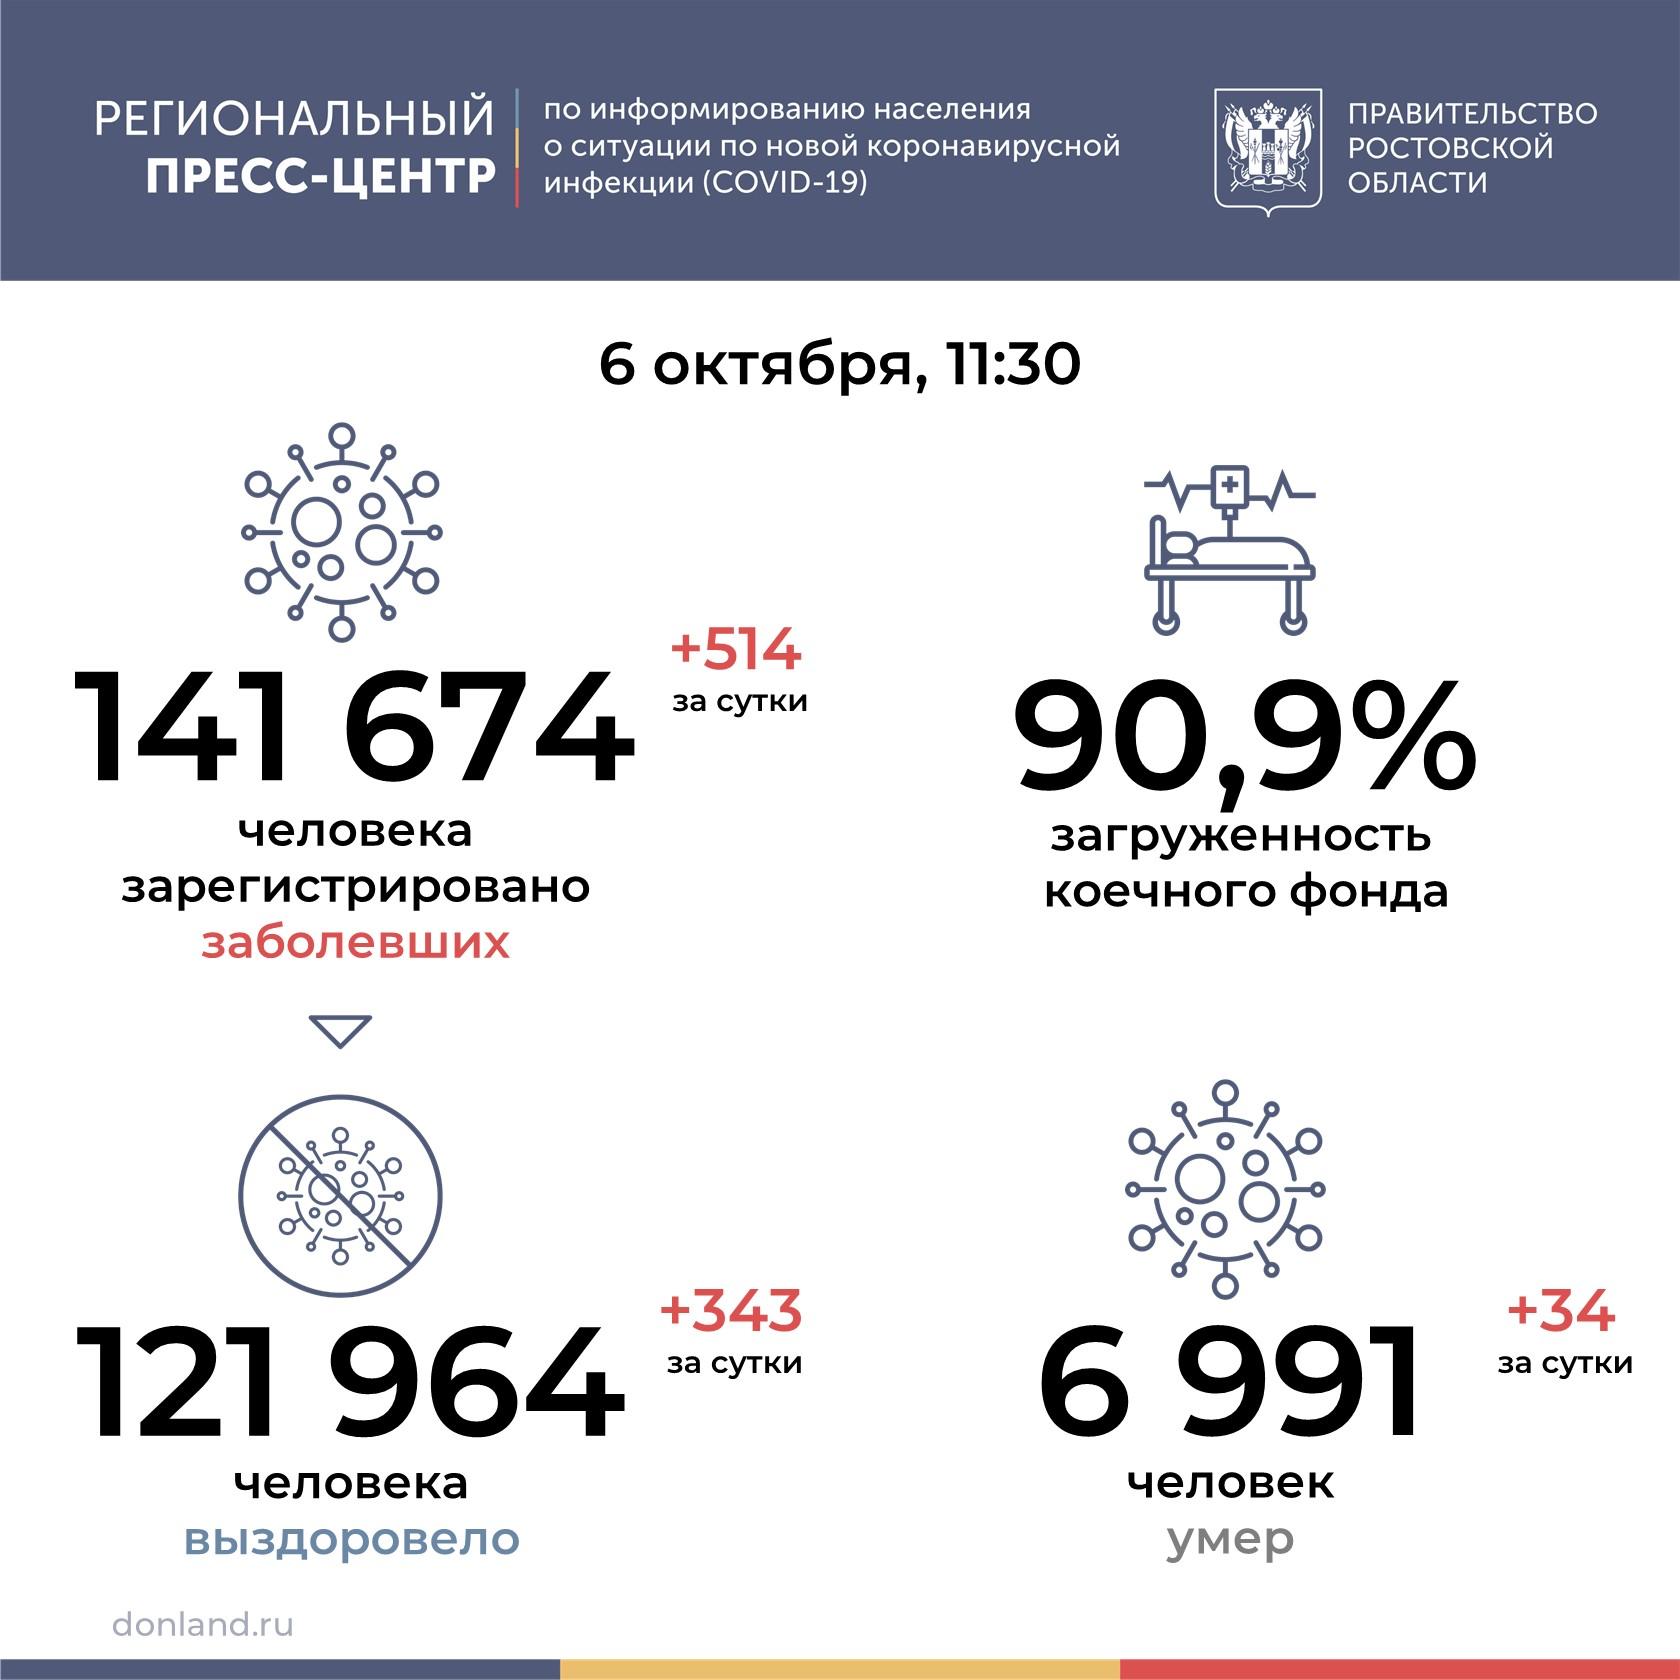 На Дону от COVID-19 умерли 34 человека